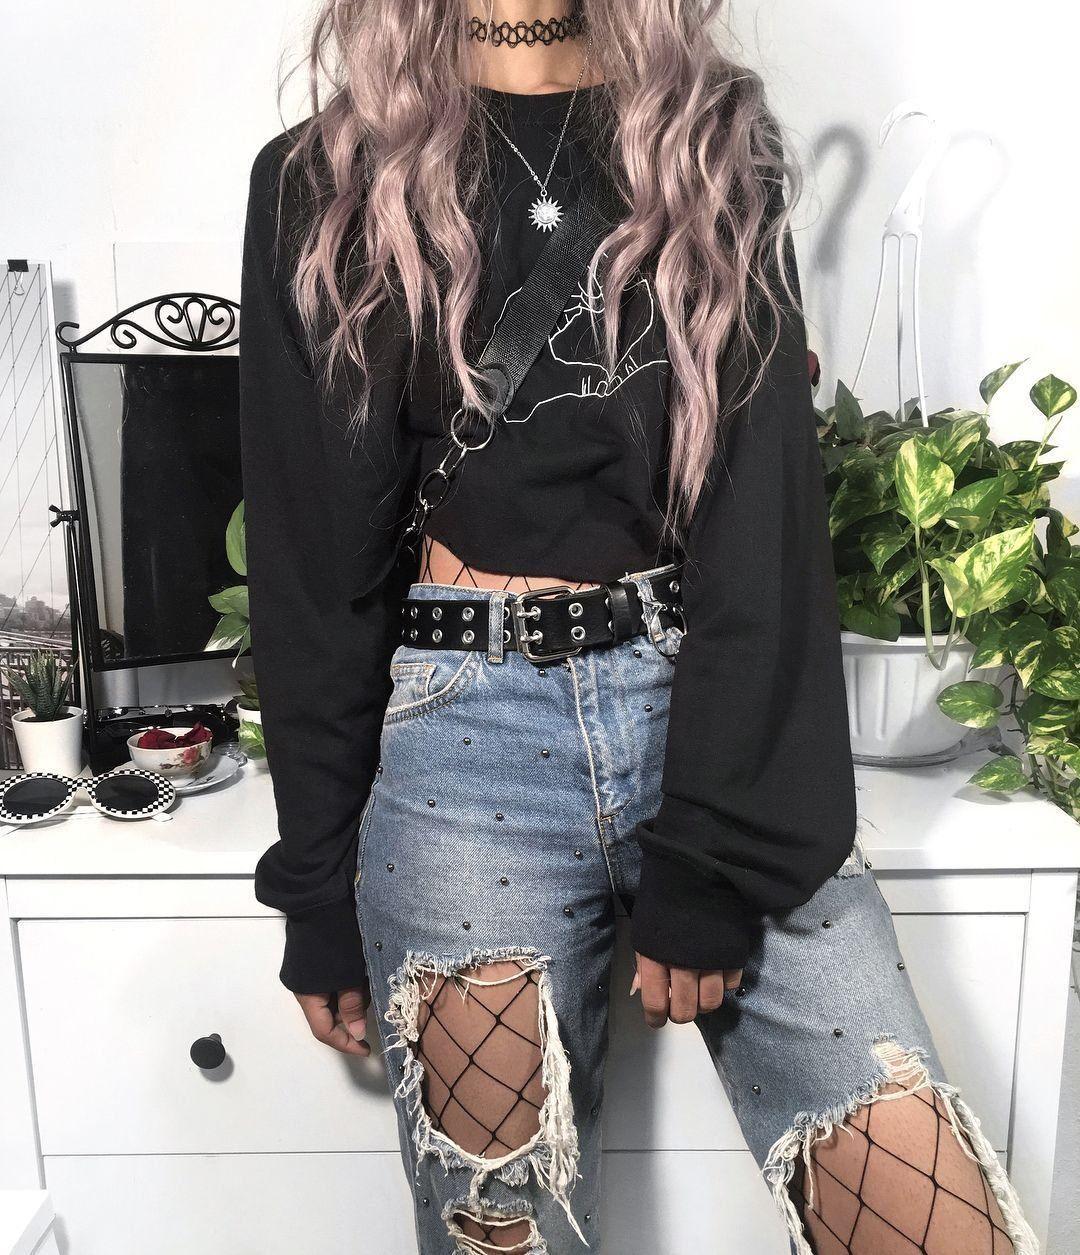 Black sweater in summer so smart Liz grunge grungesty #smartoutfit